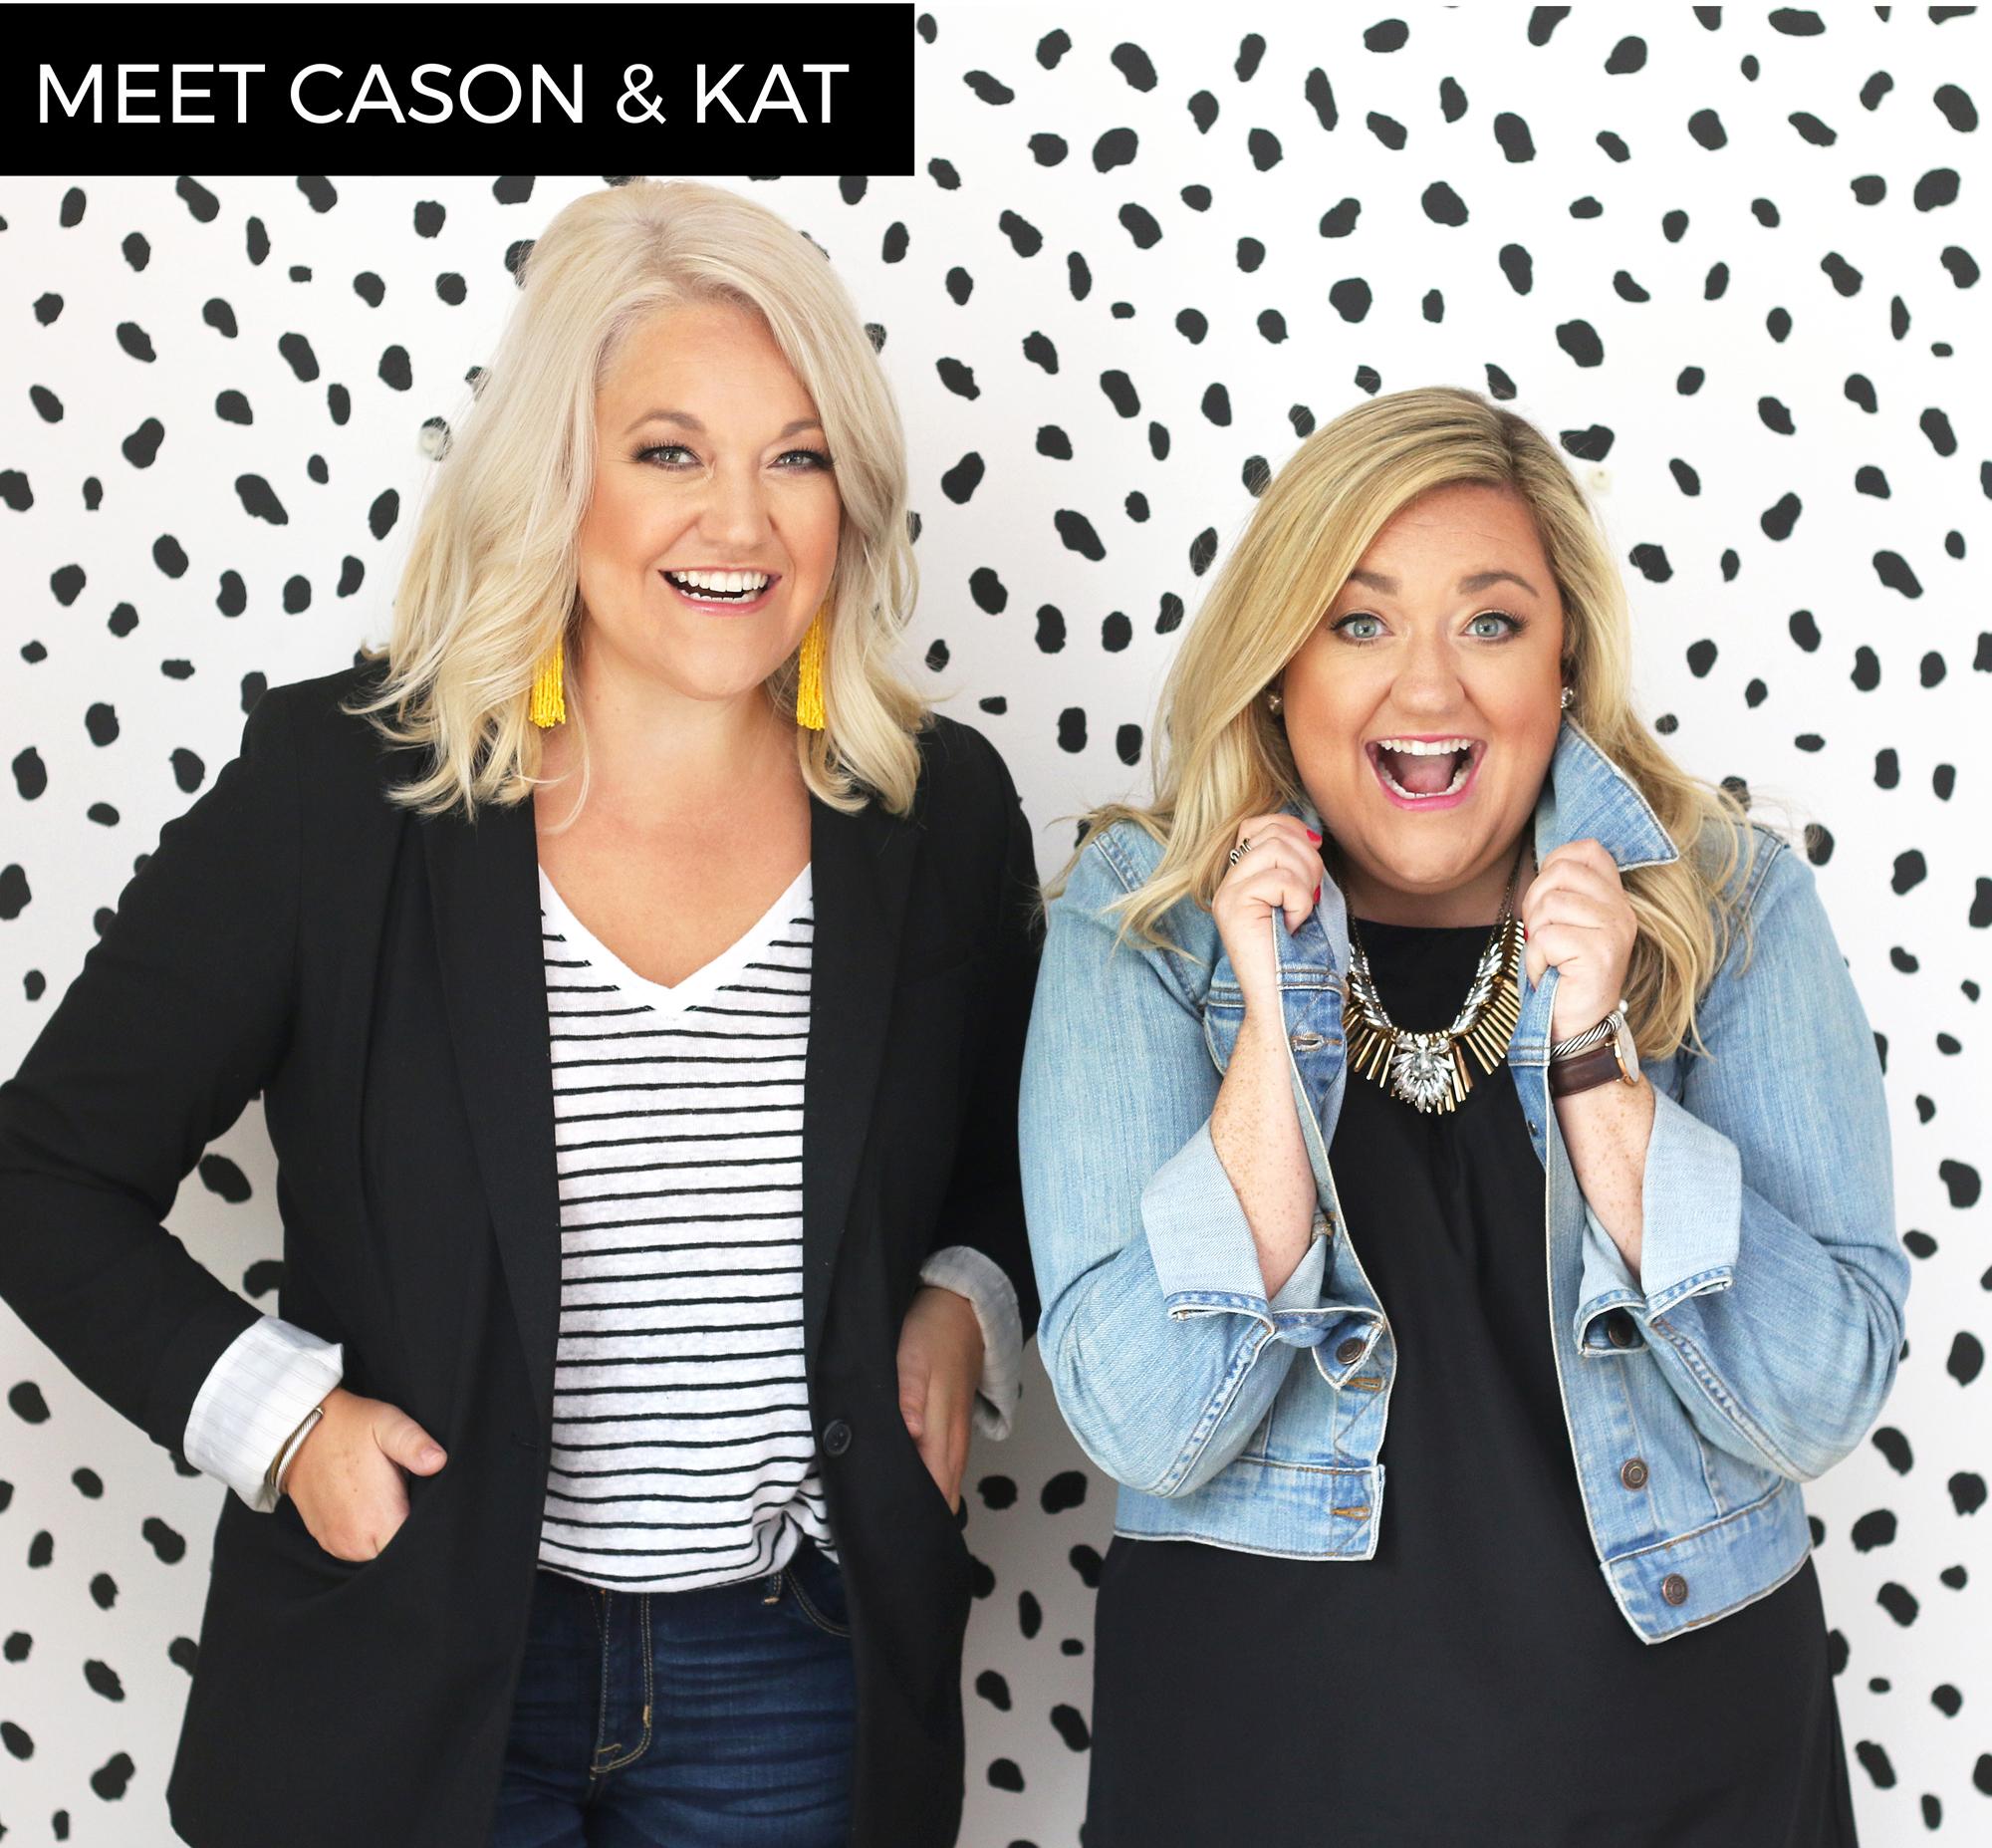 Meet-Cason-and-Kat.jpg